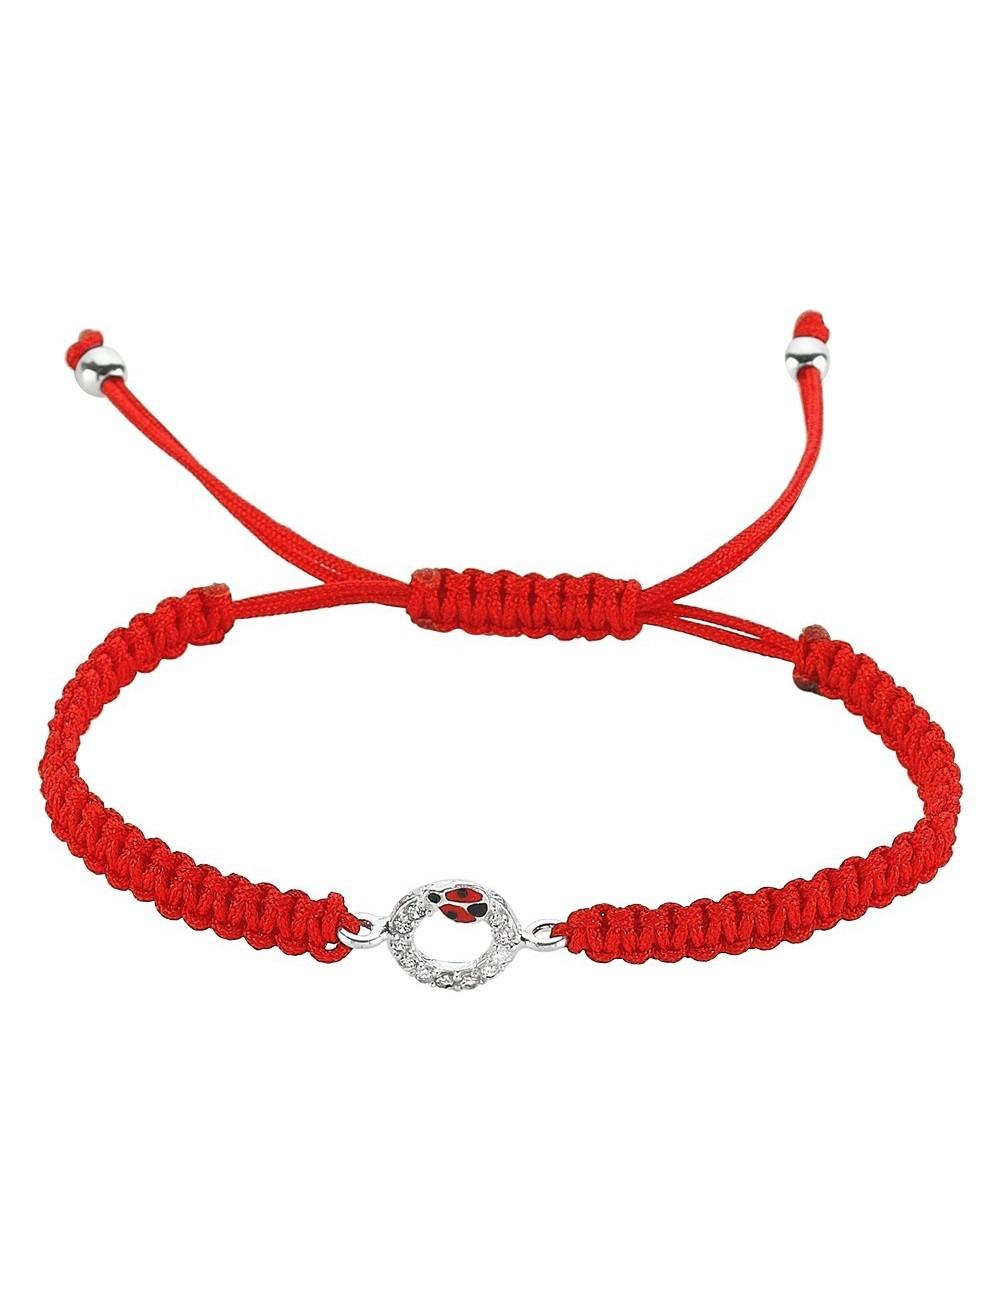 Capucine Bracelet In 925 Silver And Zirconia